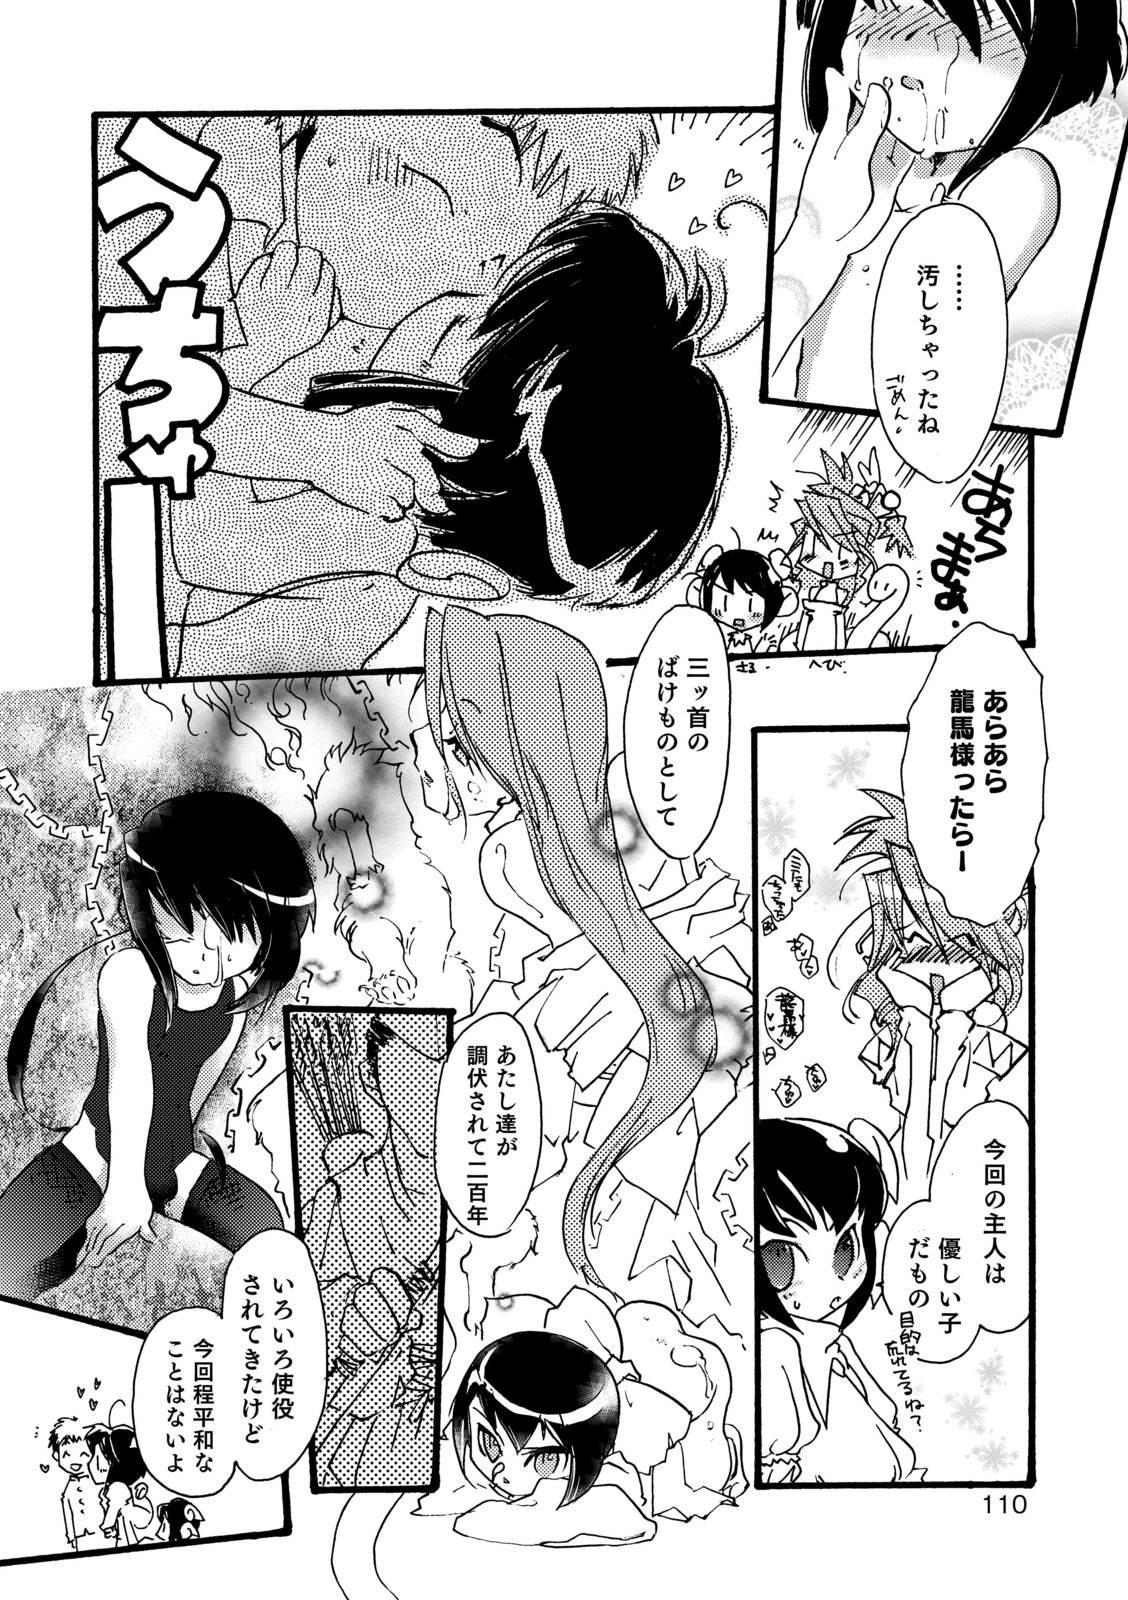 Otokonoko Heaven's Door 9 109